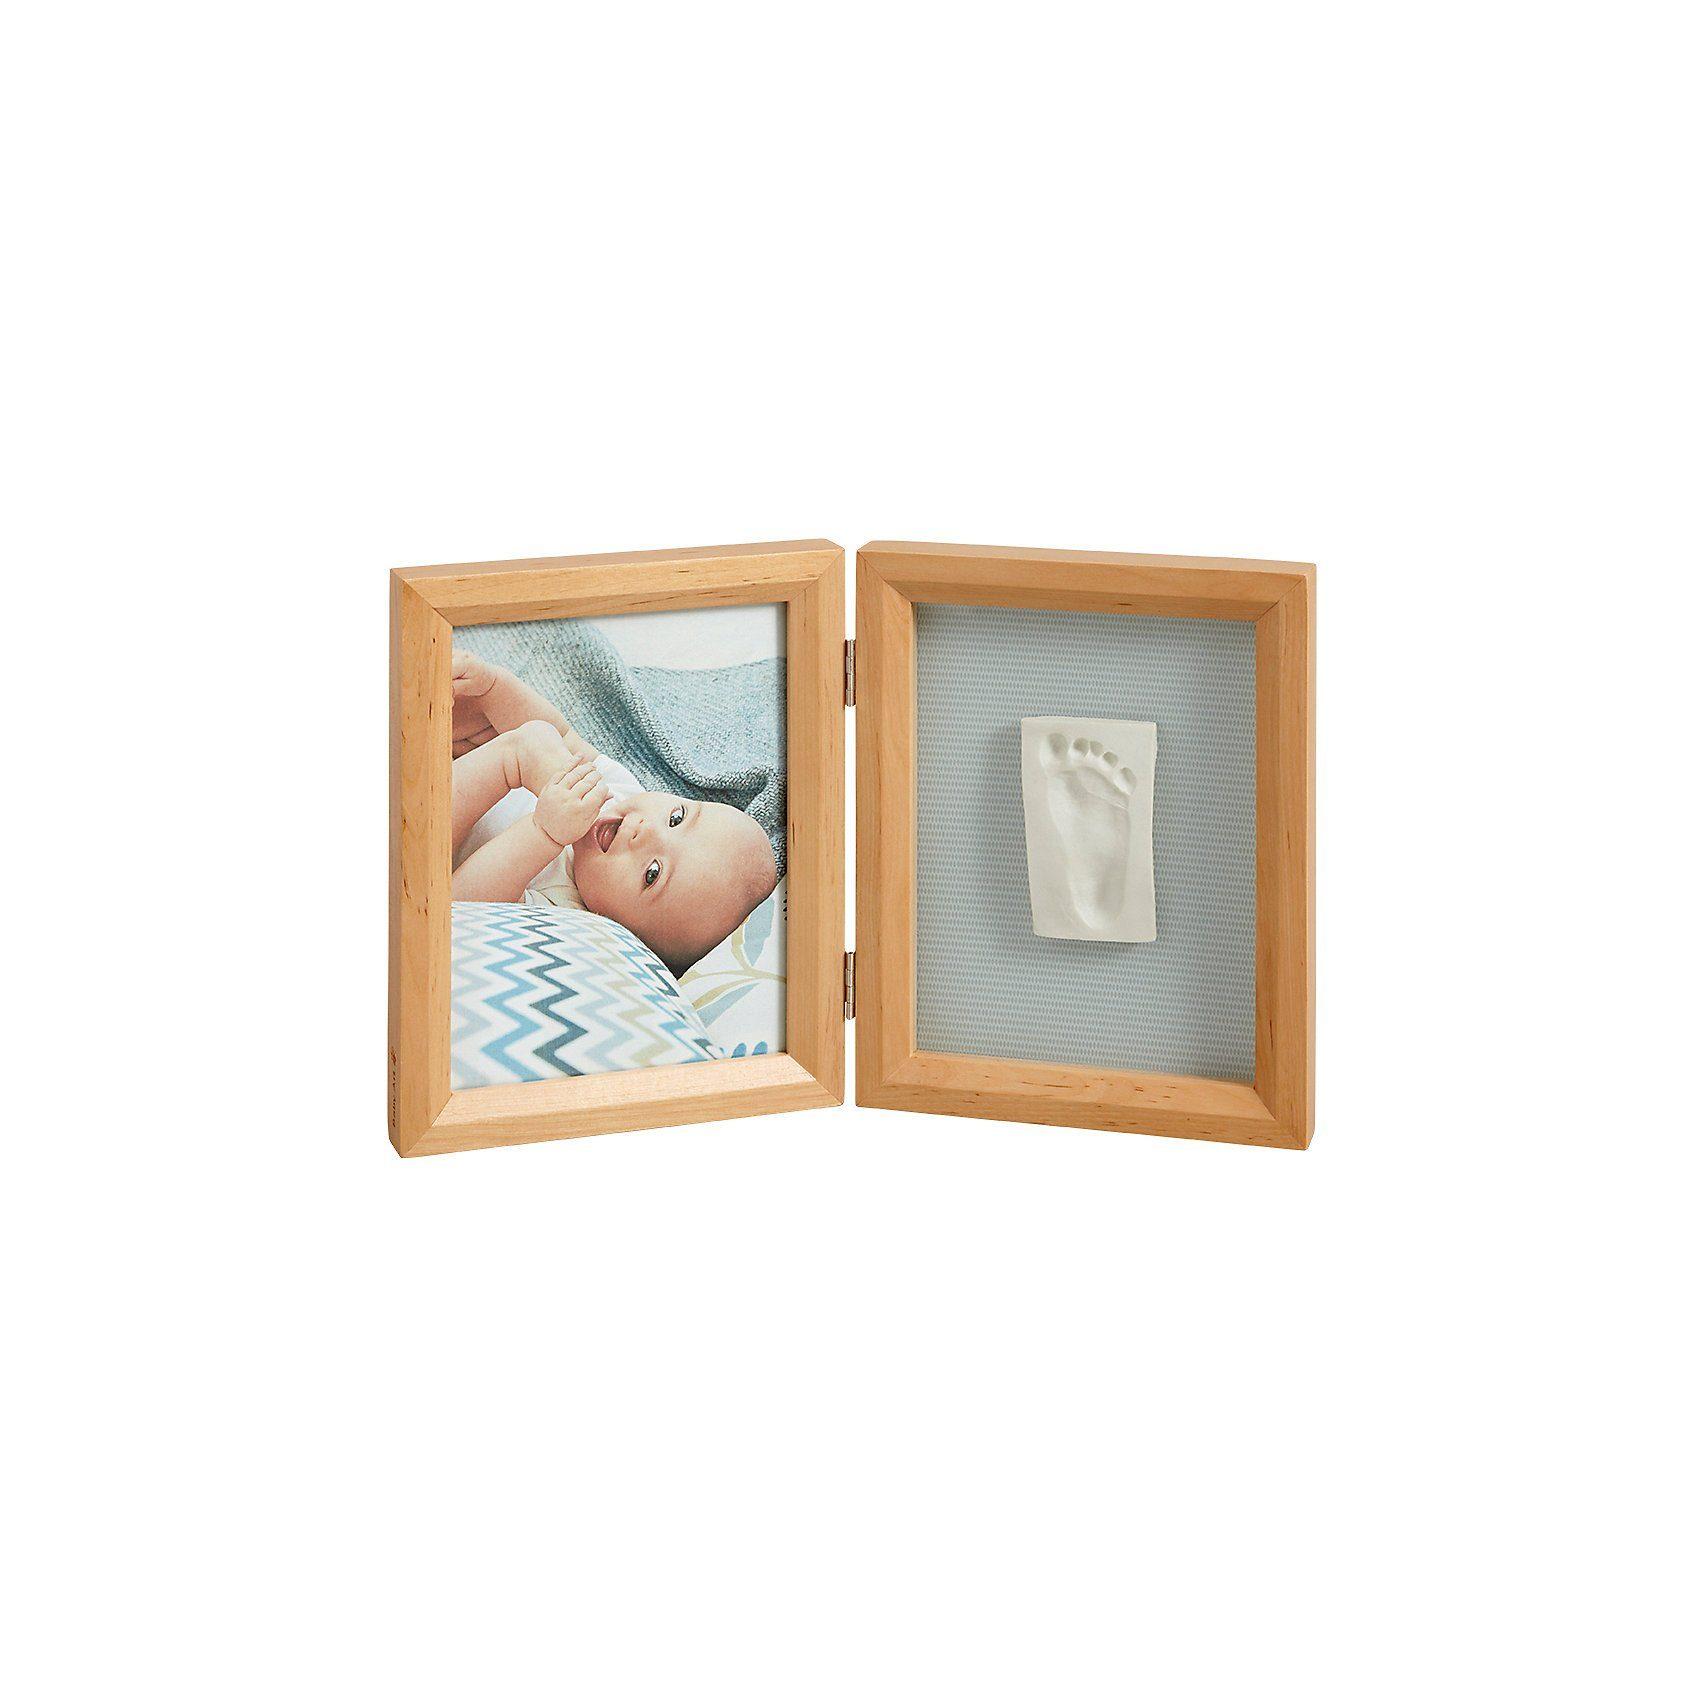 Baby Art Gipsabdruck Set mit 2-tlg. Bilderrahmen, honey